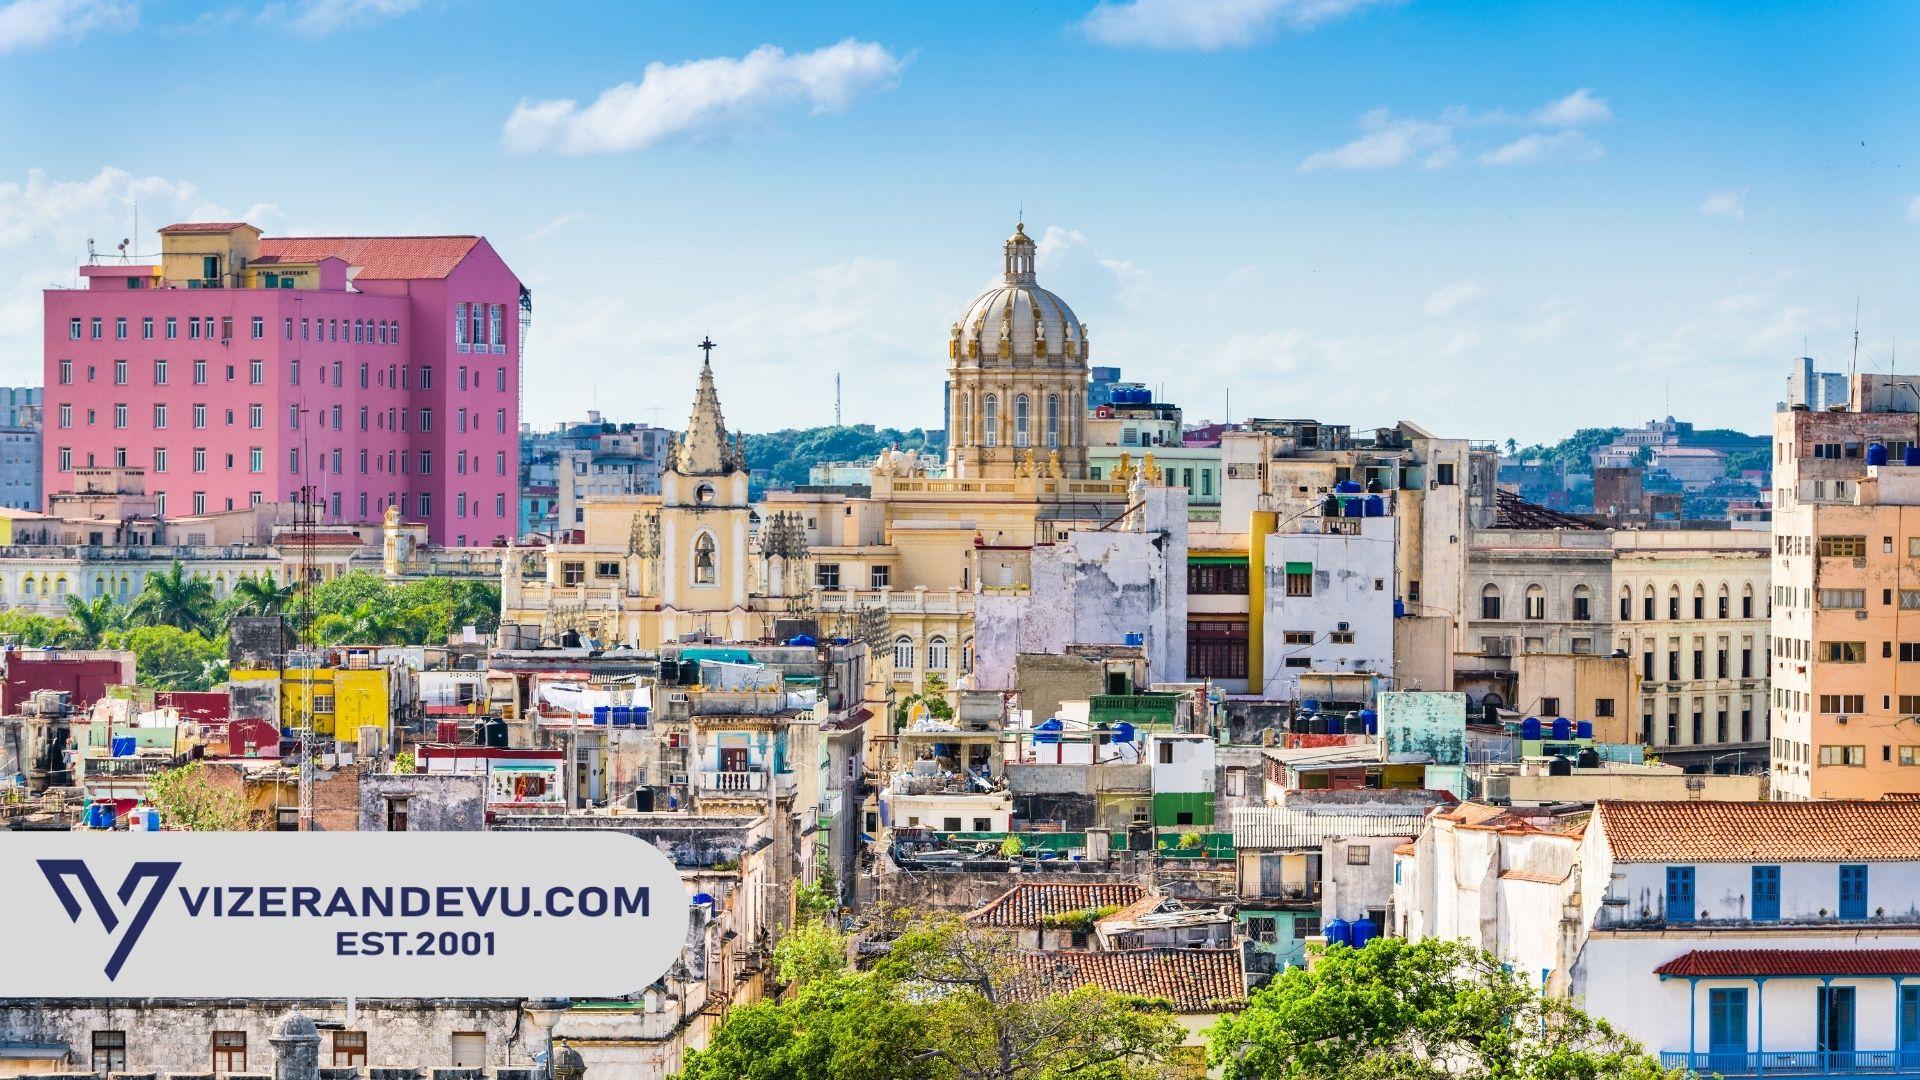 Küba Vizesi Gerekli Evraklar